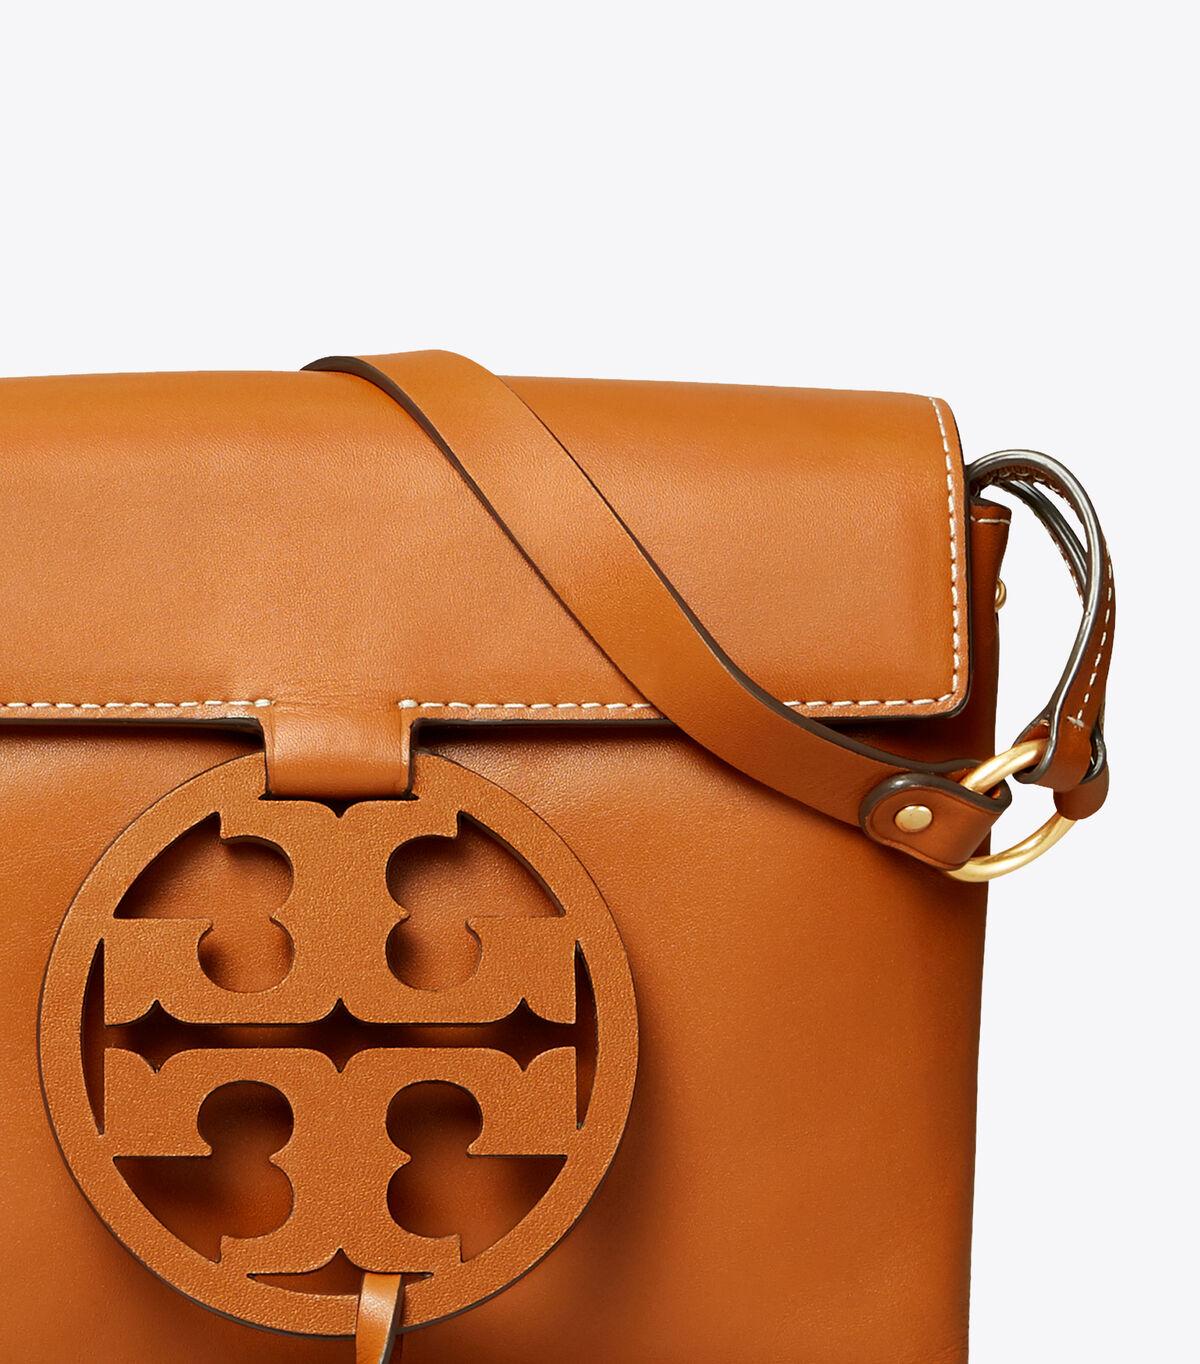 حقيبة كروس ميلر | 268 | حقائب كروس